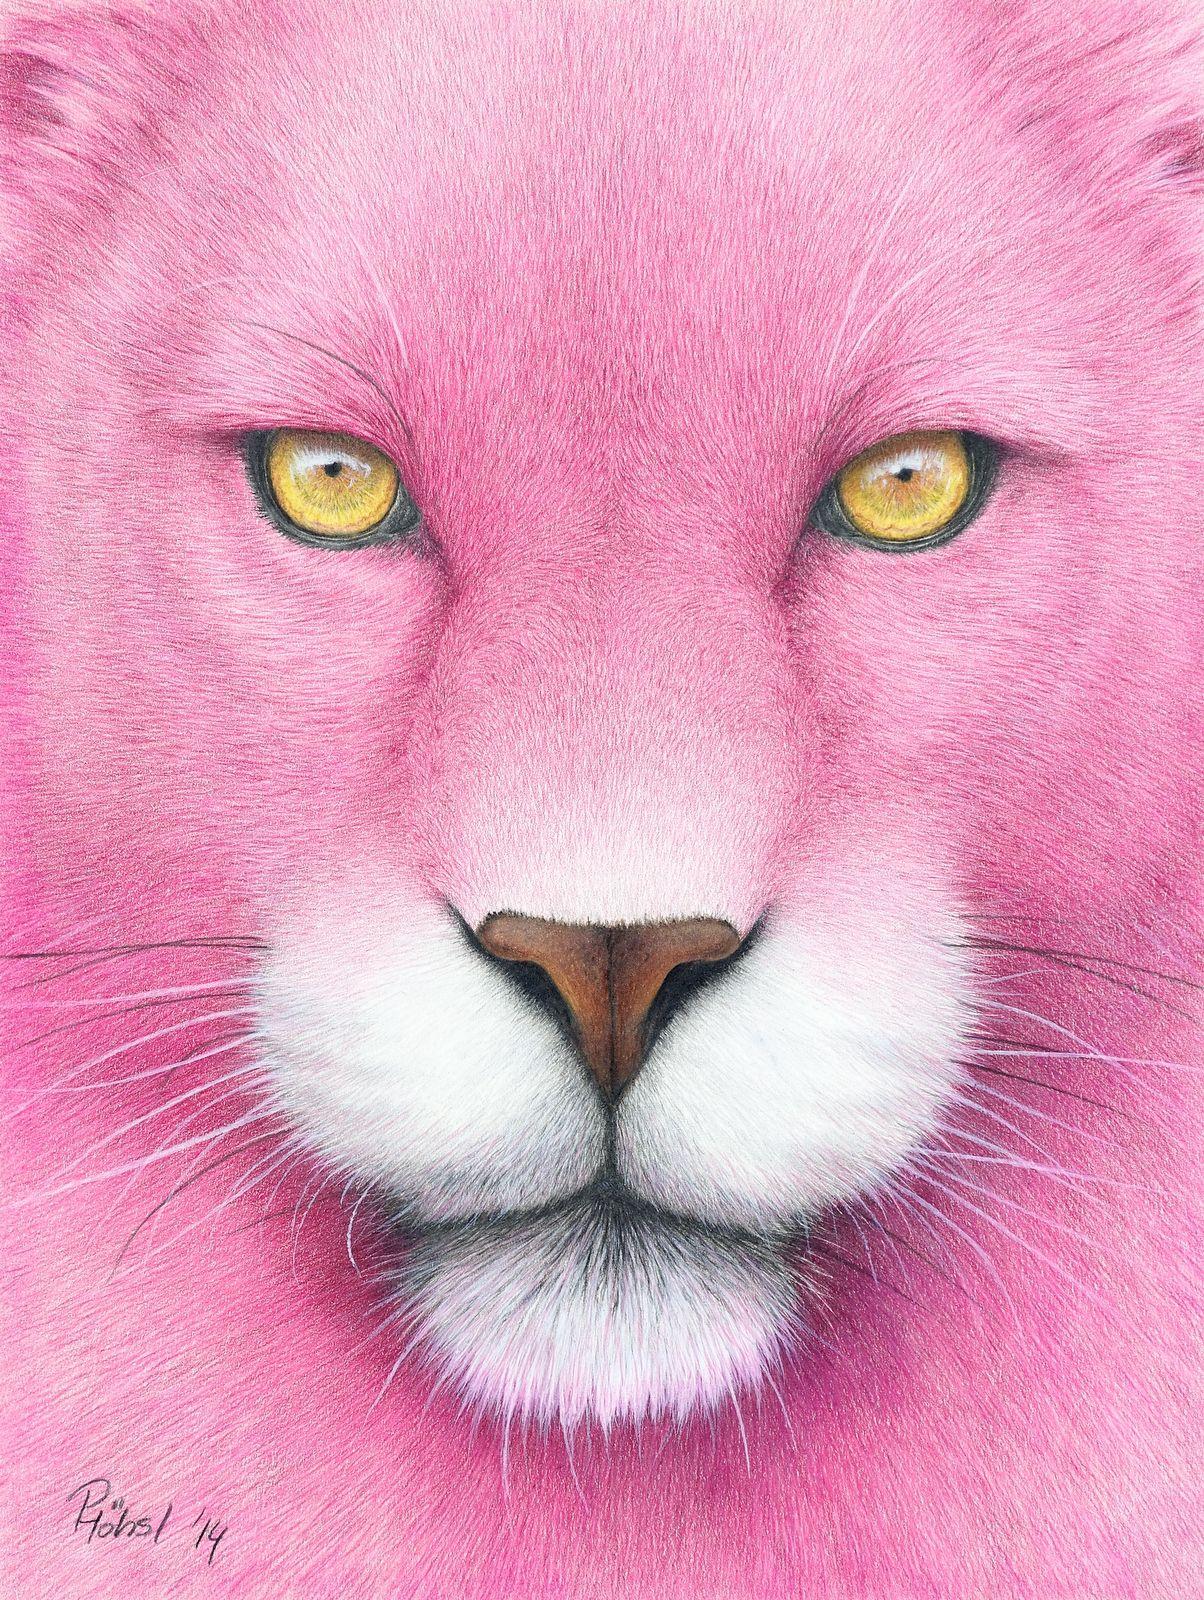 Peter Hohsl Coloured Pencil Drawings Zeichnung Rosa Panther Buntstiftzeichnungen